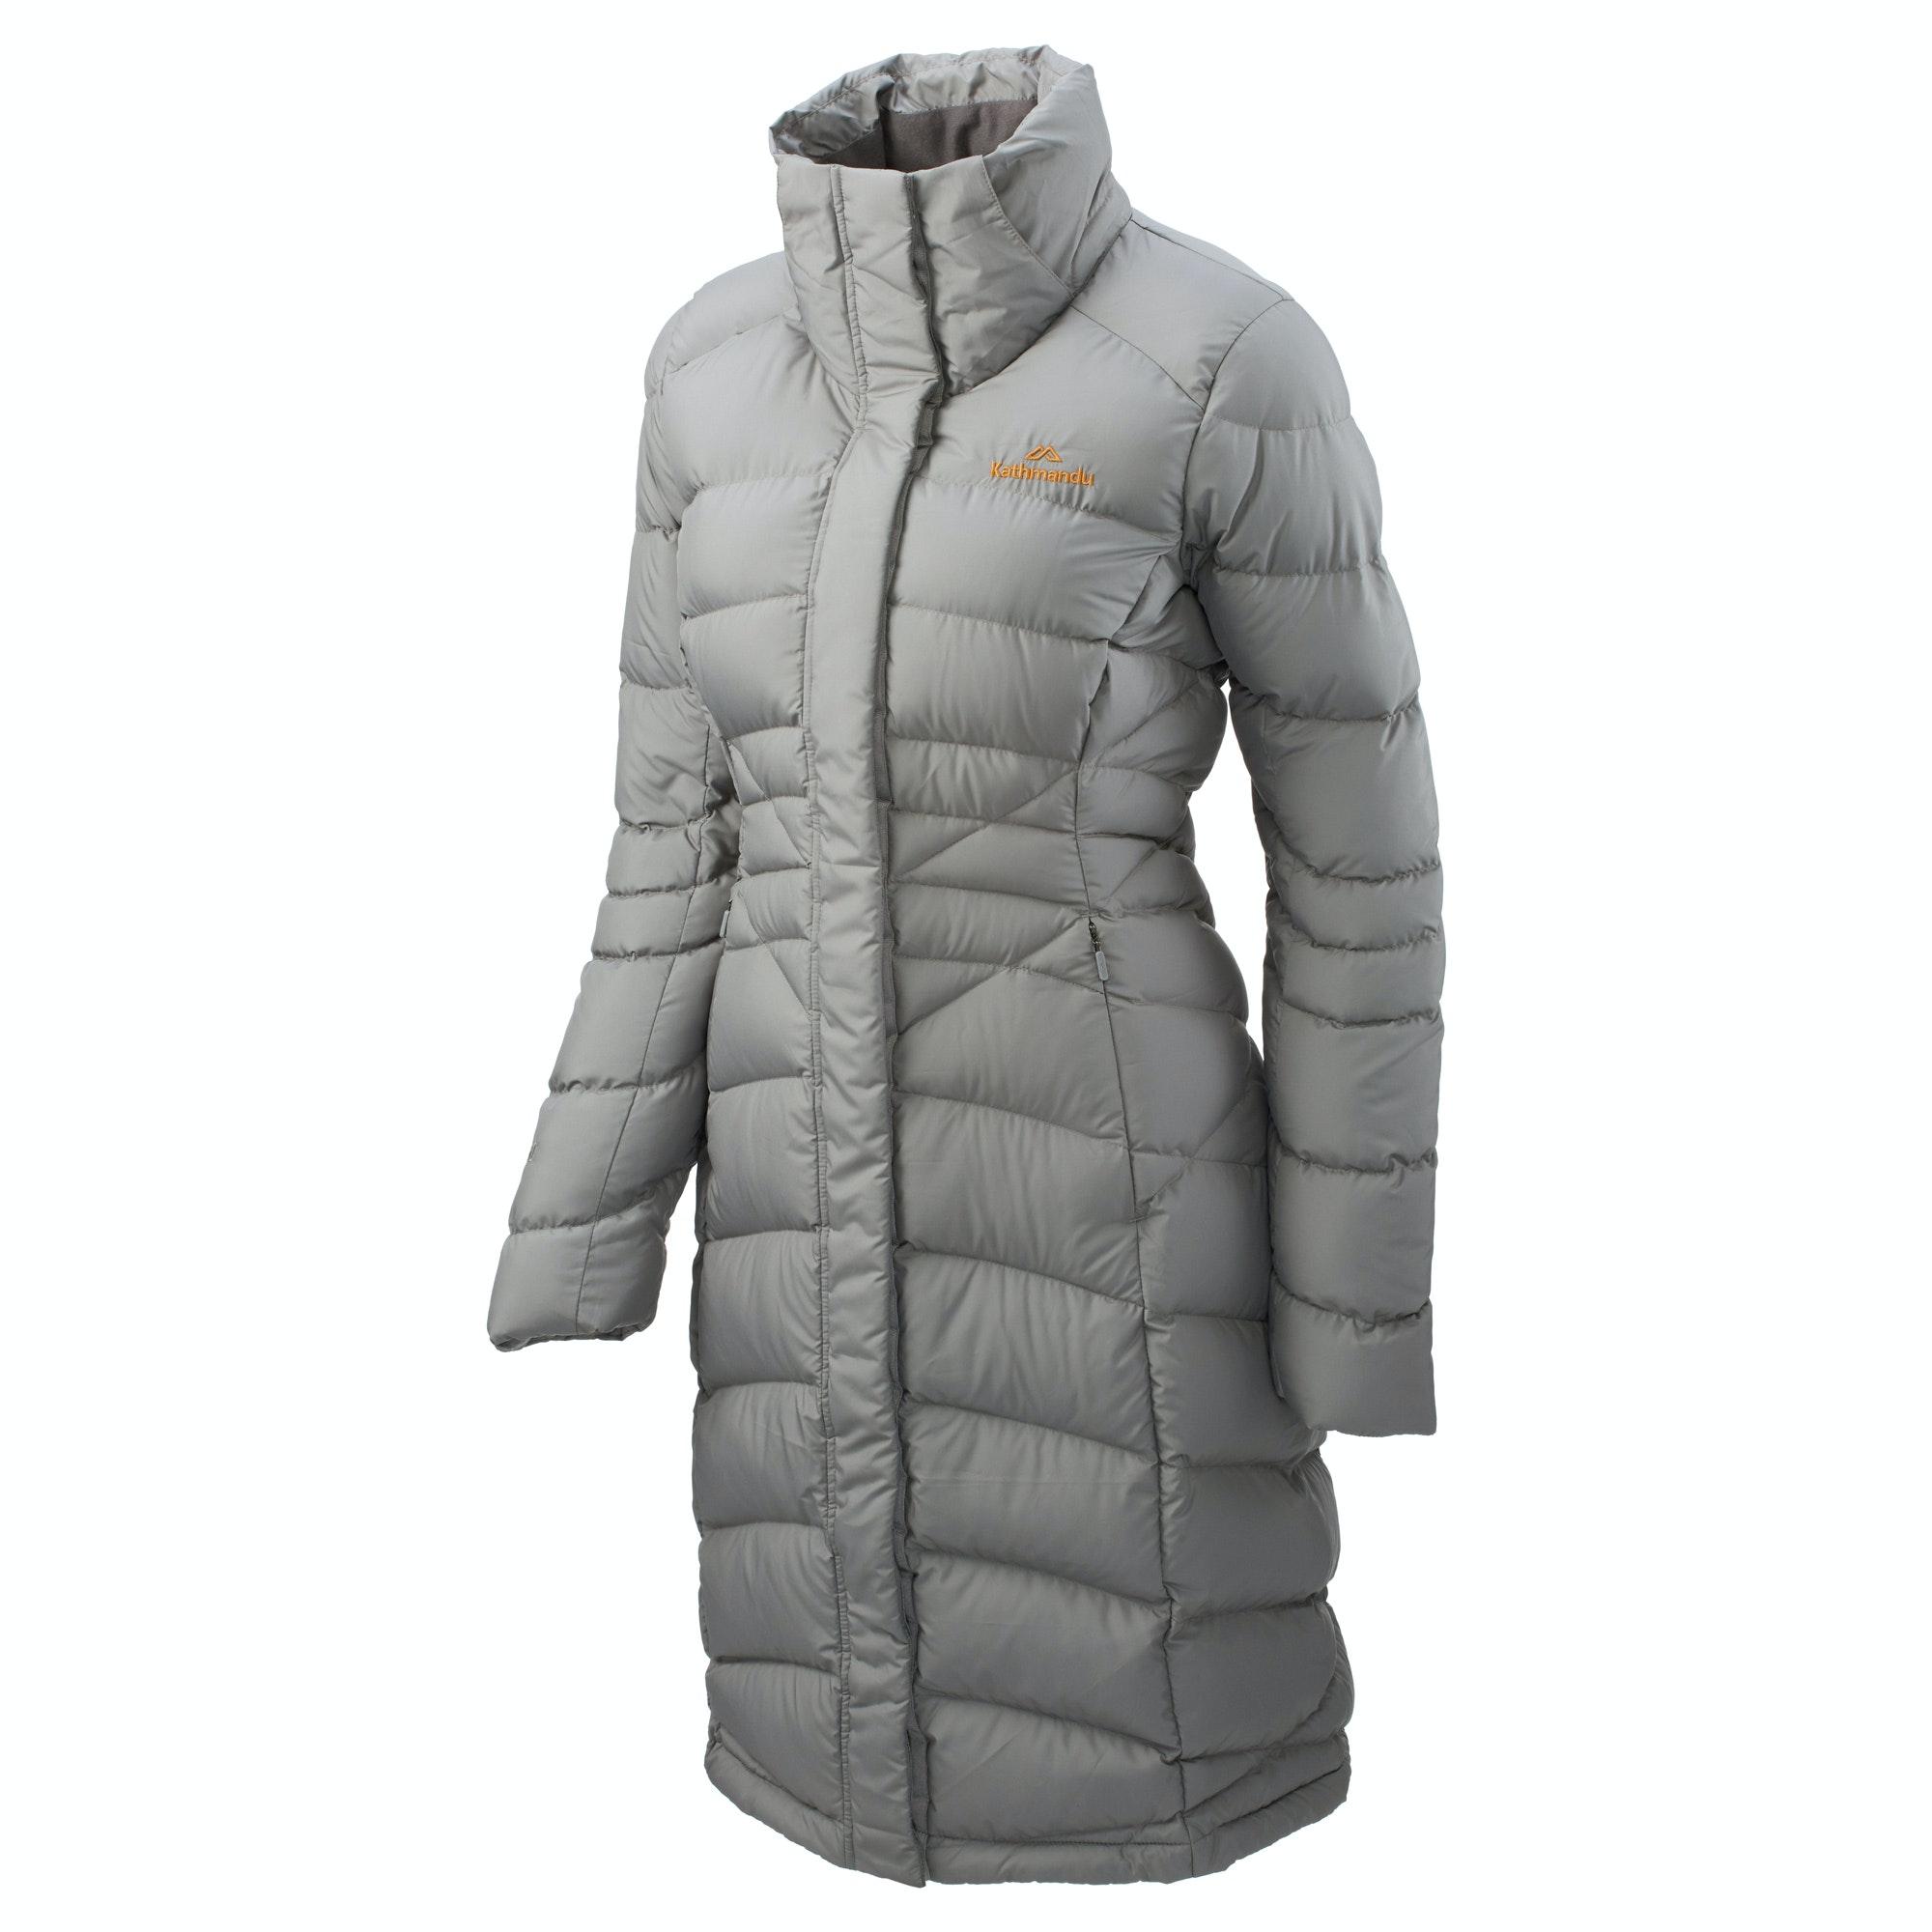 Warmest down coat for women